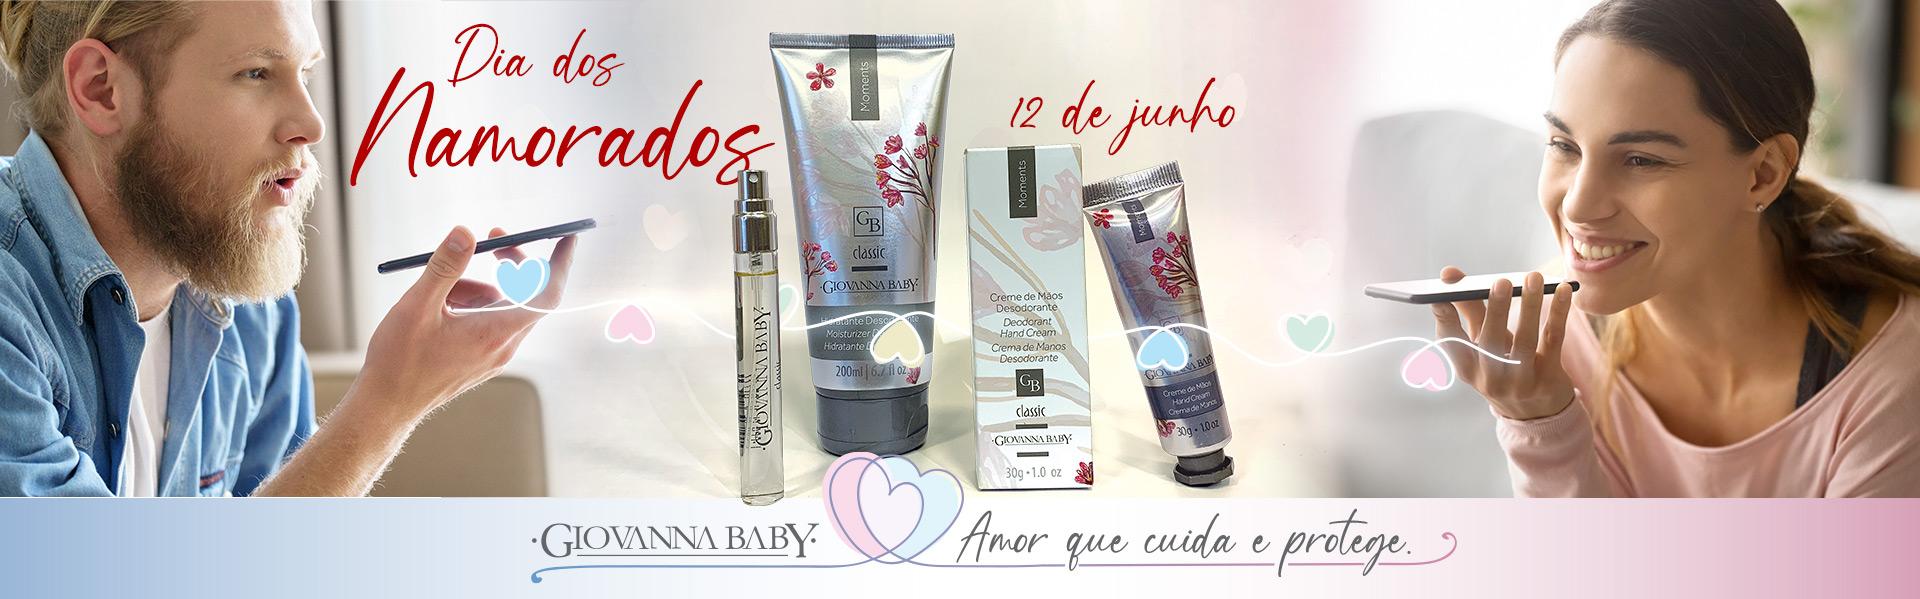 Banner Namorados 2